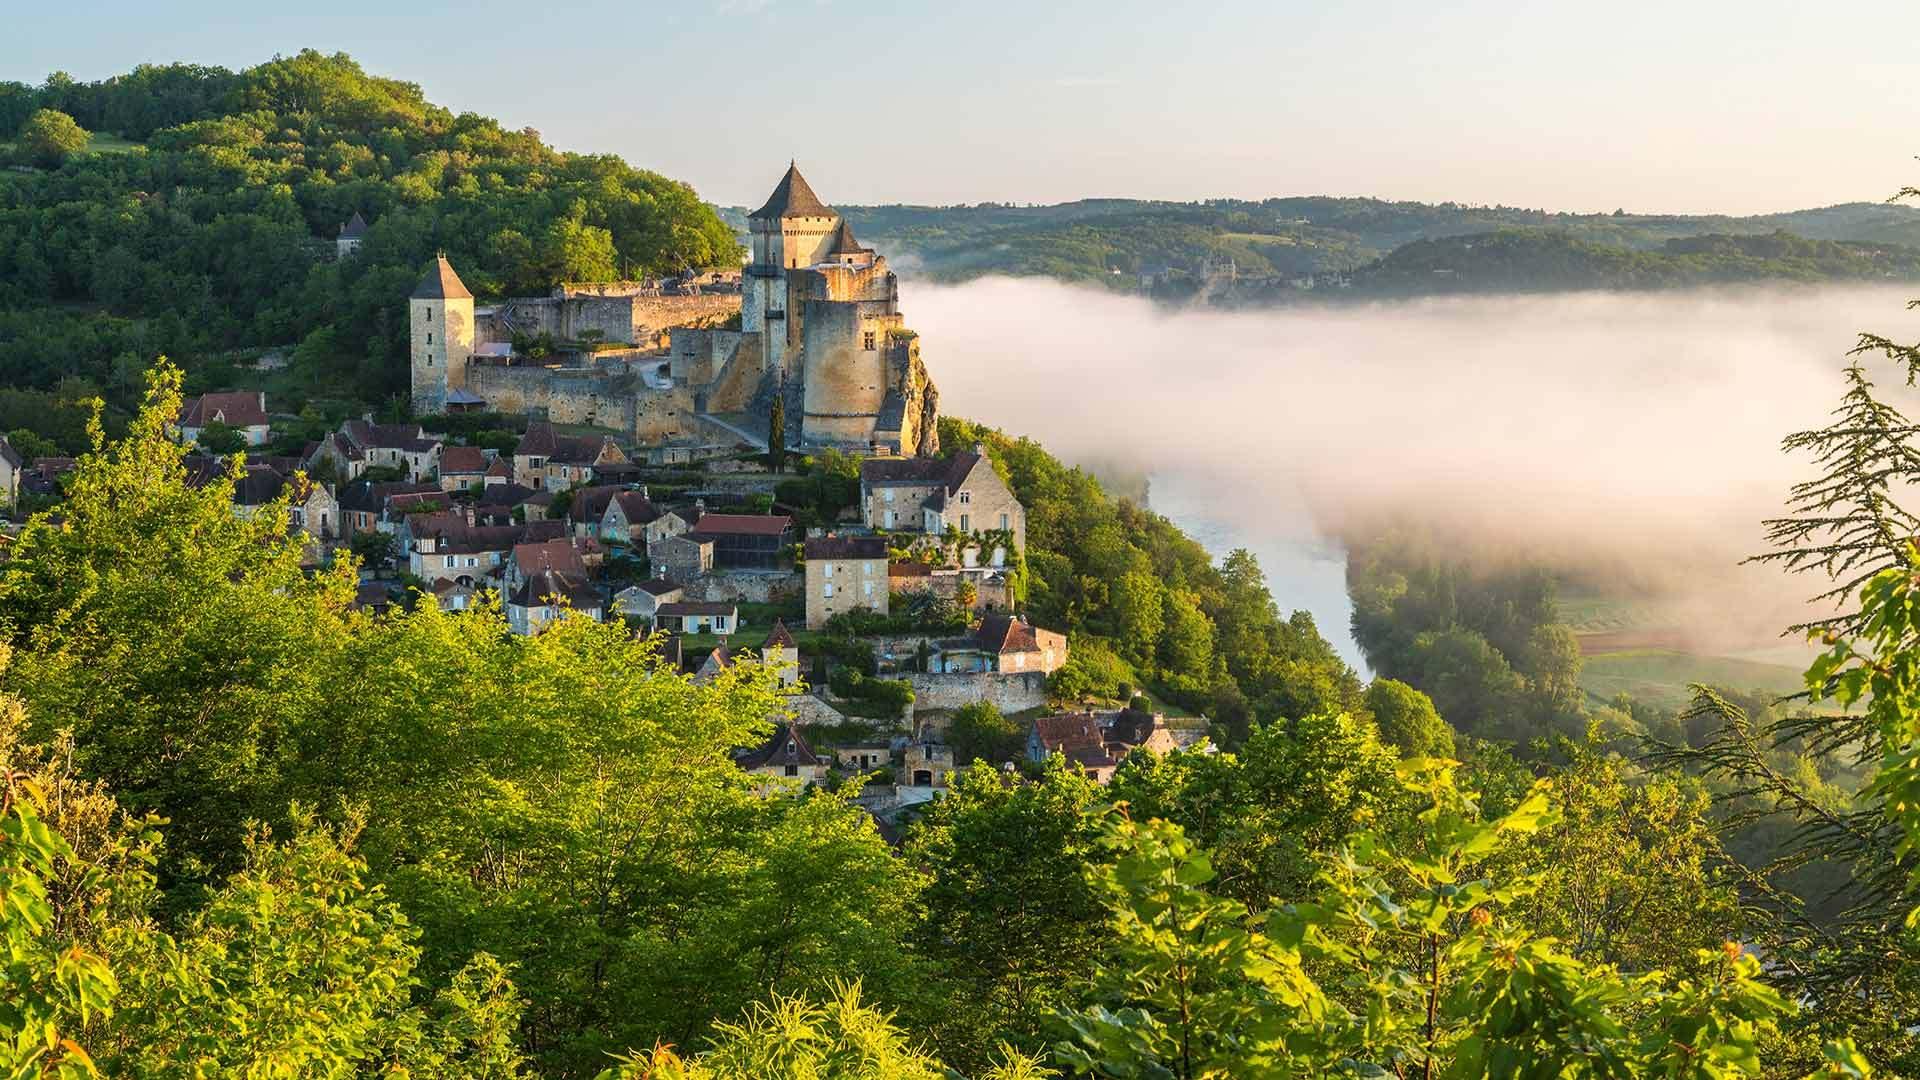 雾中的卡斯特诺城堡卡斯特诺城堡